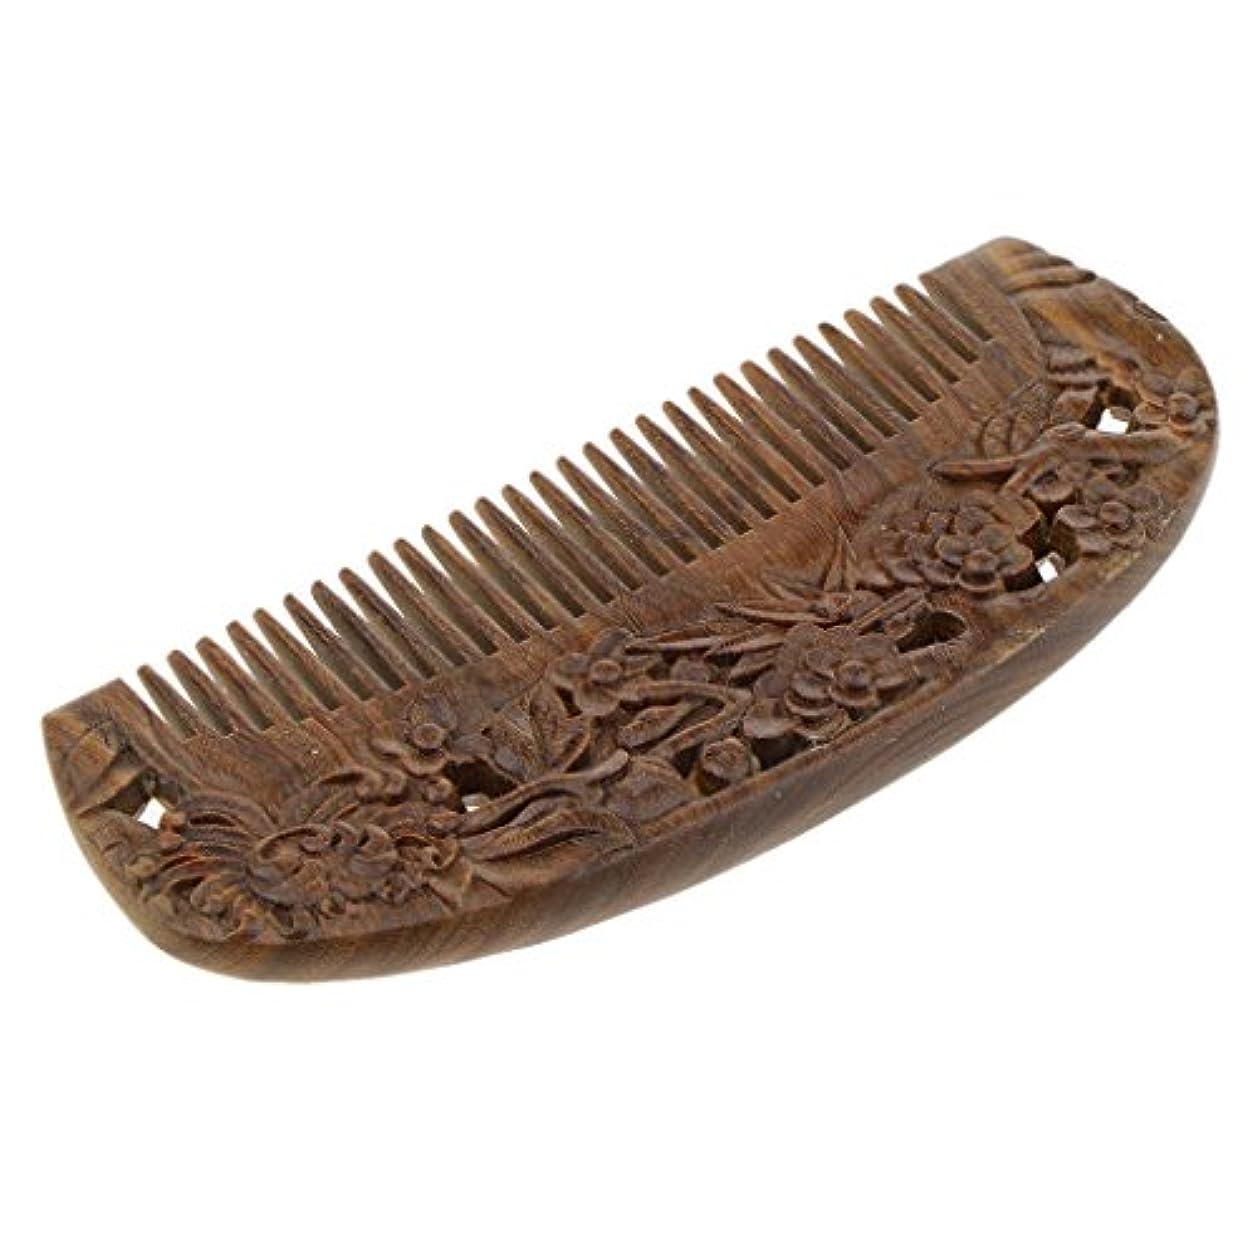 寝室を掃除するカレンダー習熟度全2種類 ウッドコーム ワイド歯 ヘアブラシ 頭皮マッサージ 木製コーム ヘアスタイリング - #2